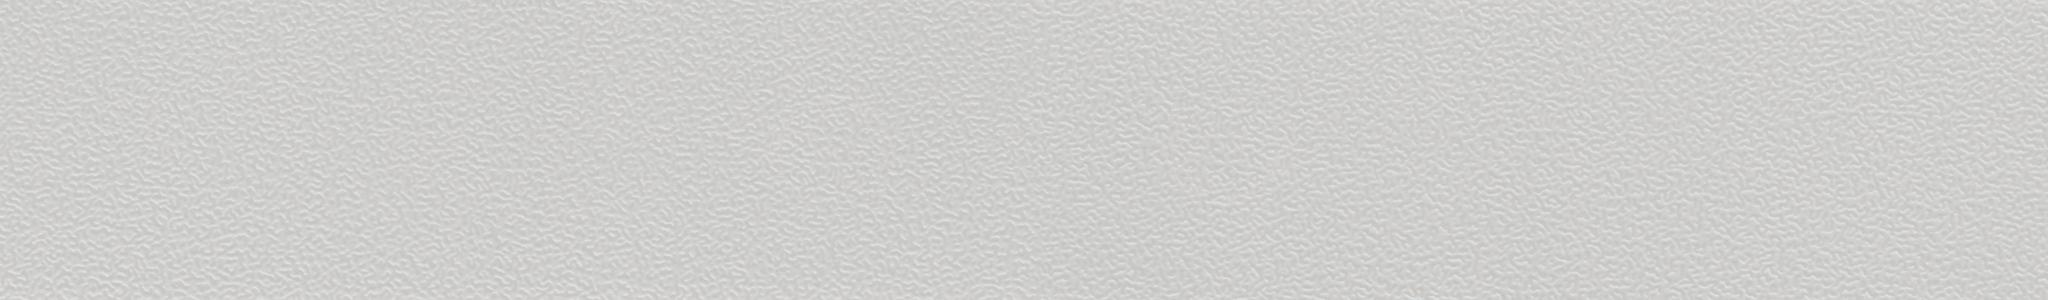 HU 170540 ABS Kante UNI Grau perl 101